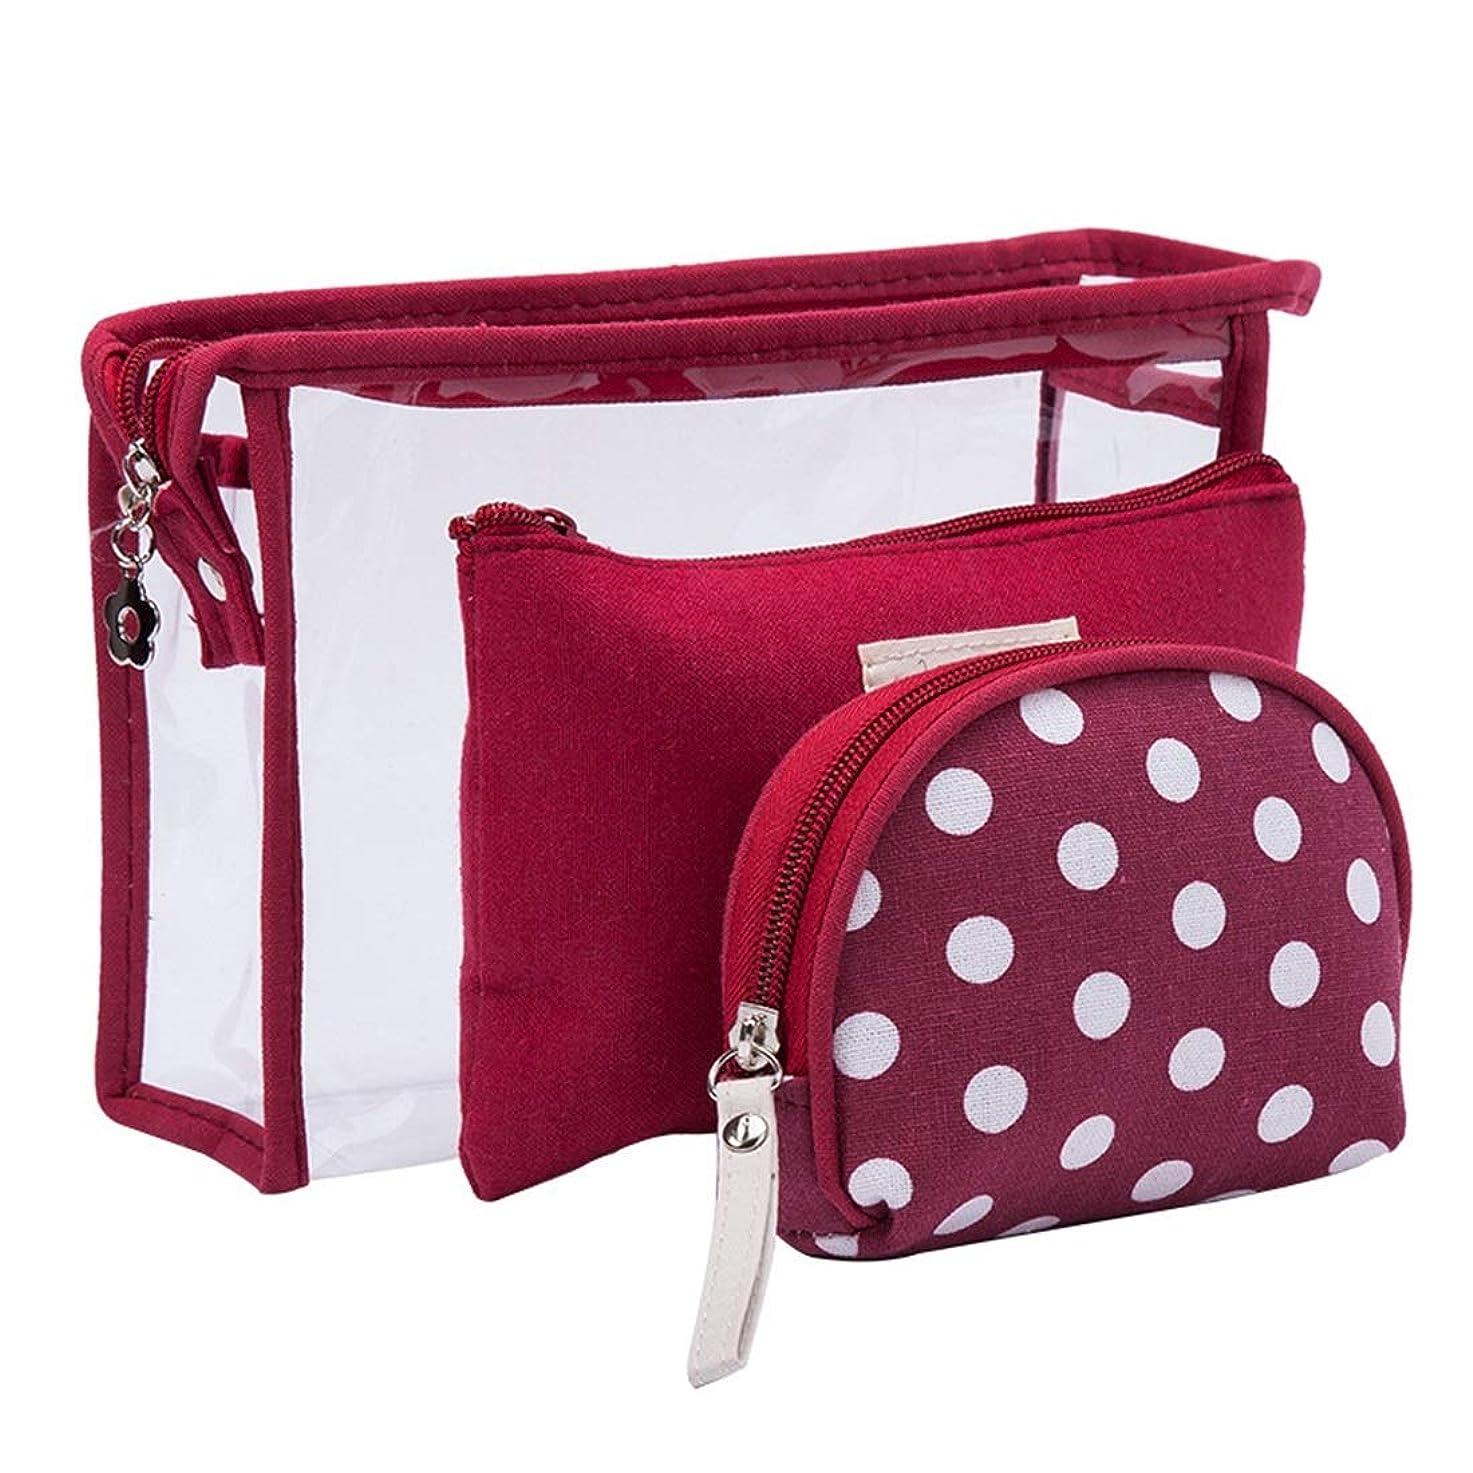 主観的免疫放置Qukick 透明なウォッシュバッグスリーピース折りたたみ旅行保管袋セット旅行ドット女性のトイレタリーバッグ (色 : レッド)